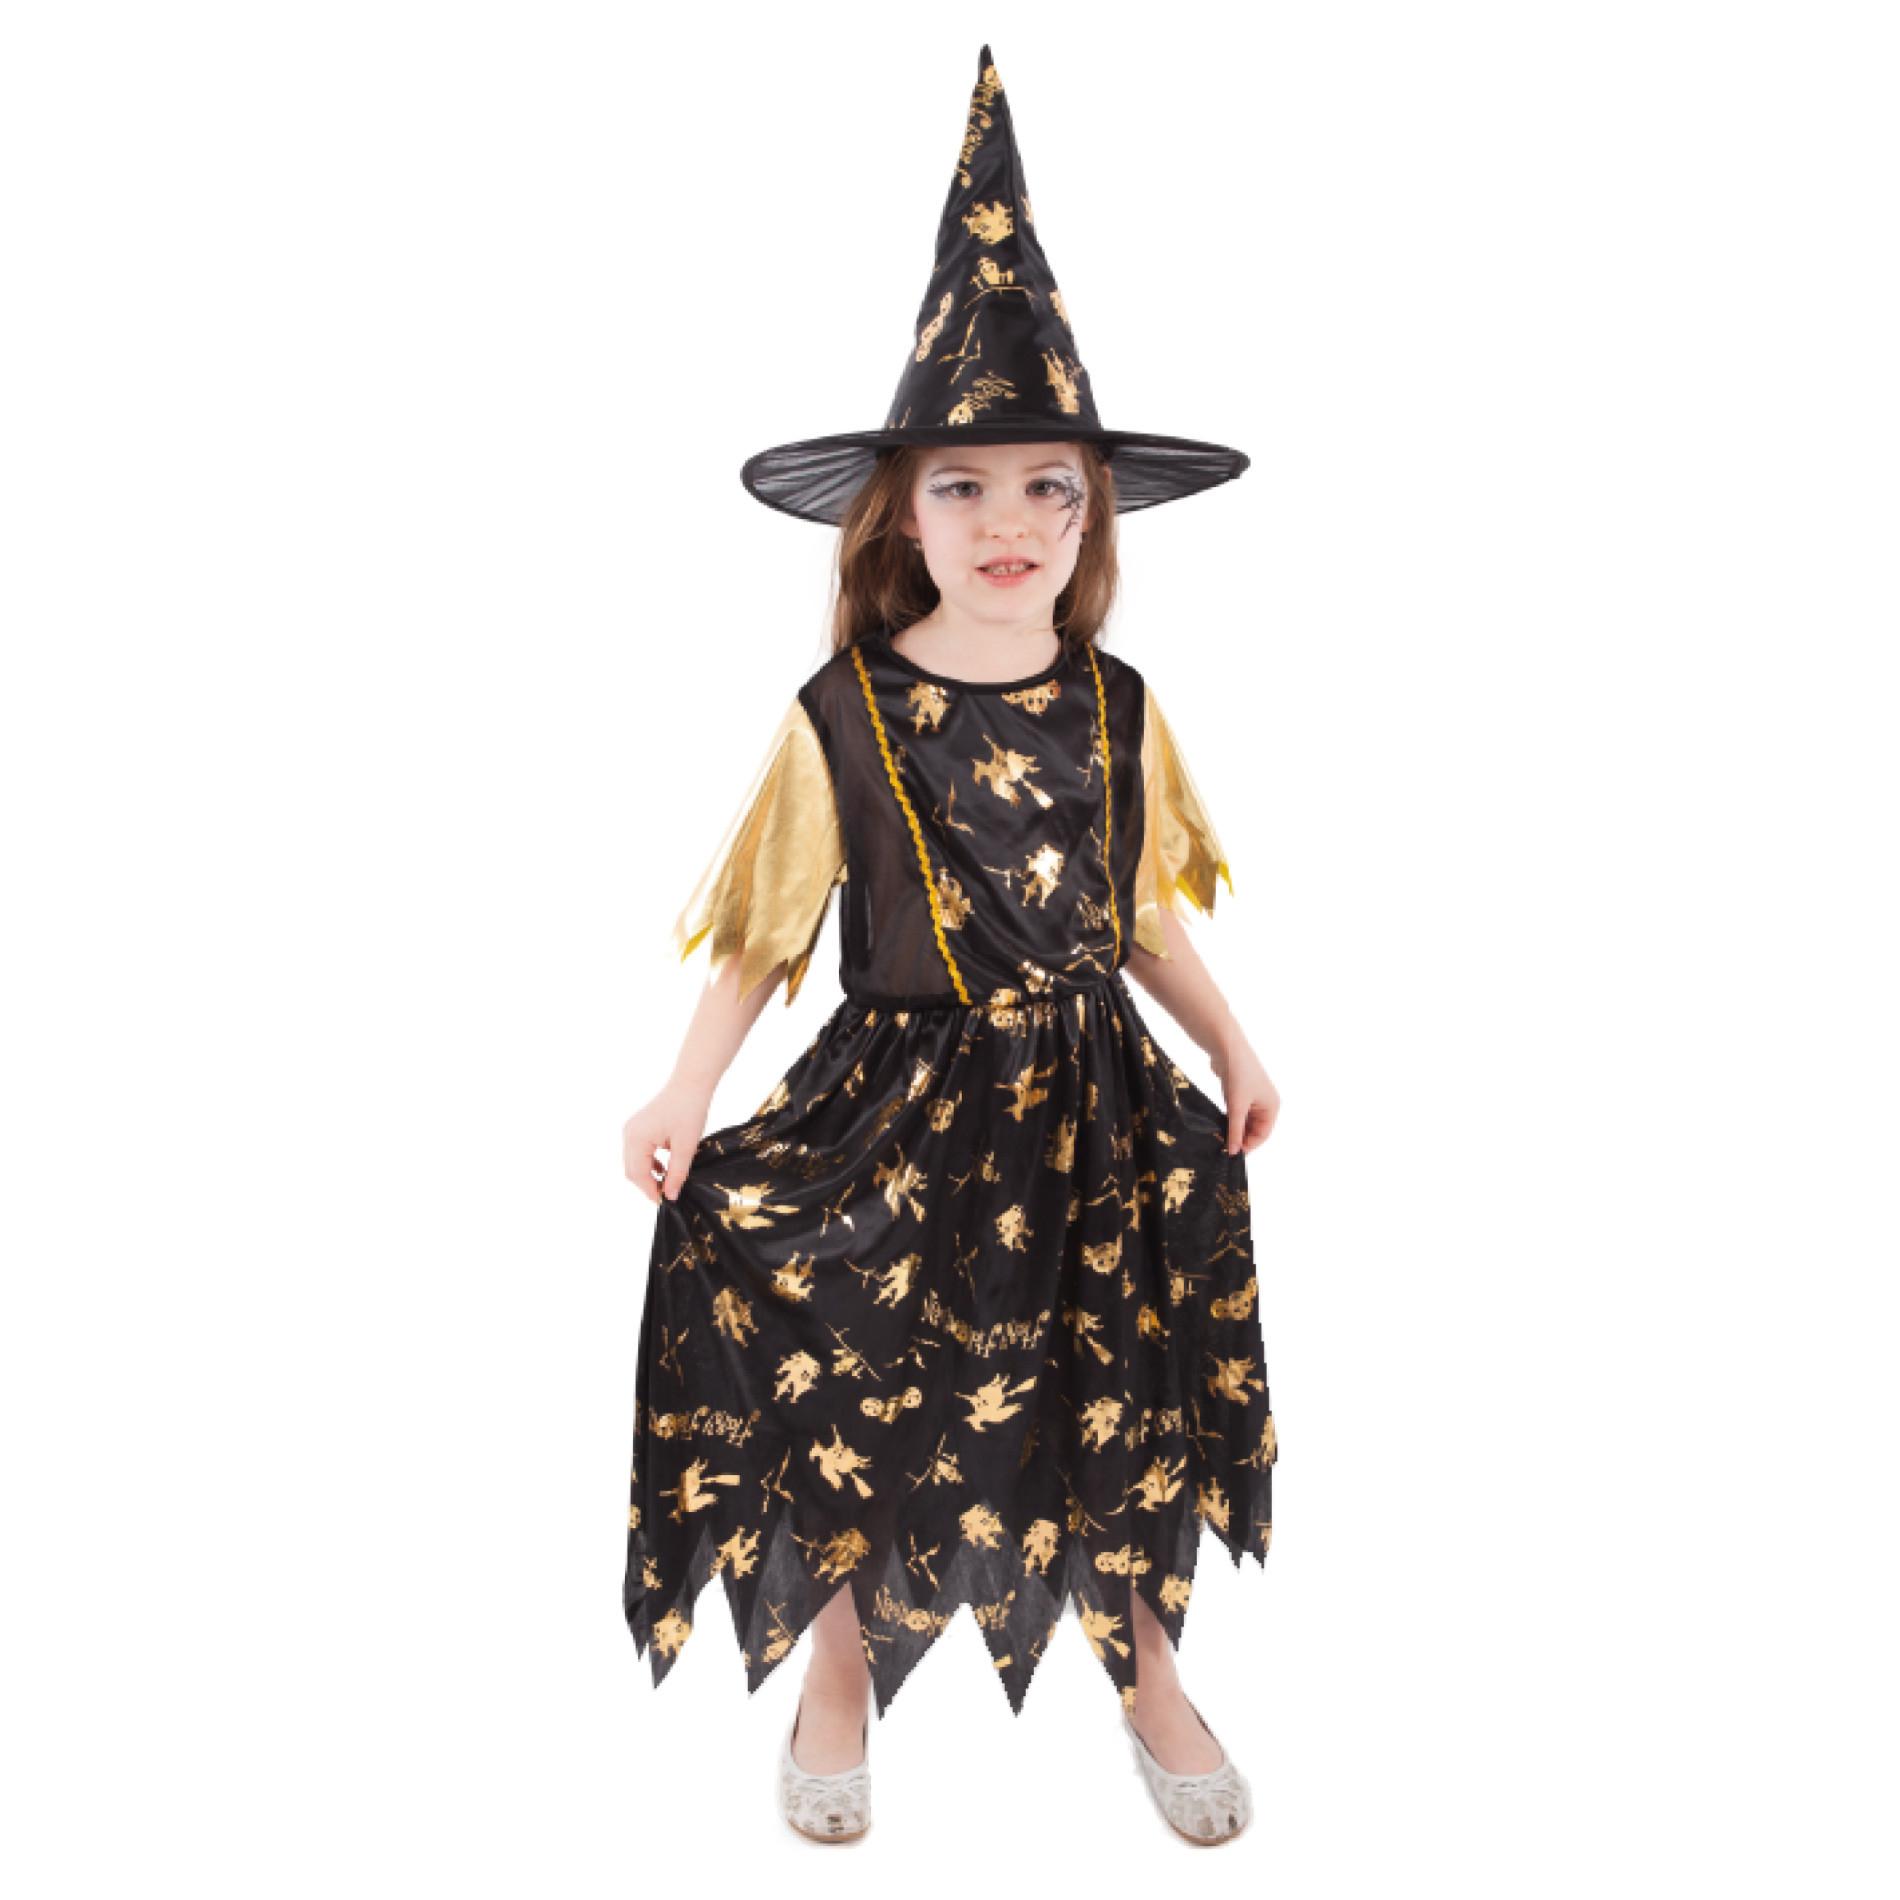 Dětský kostým čarodějnice/Halloween (S)